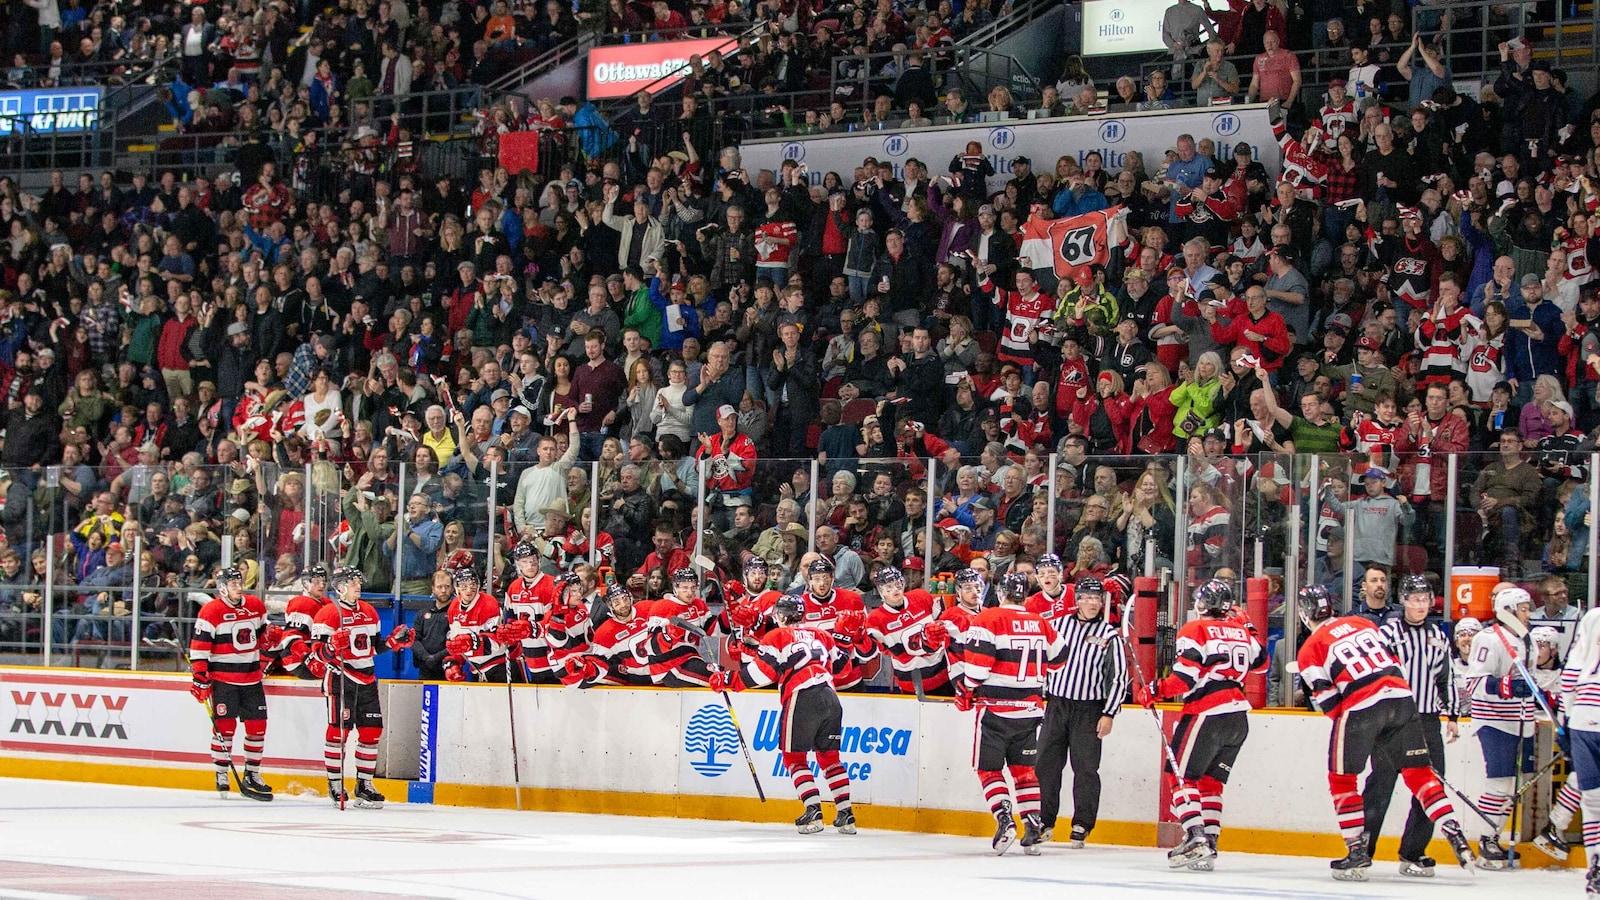 Des milliers de spectateurs célèbrent un but pendant que les joueurs se félicitent